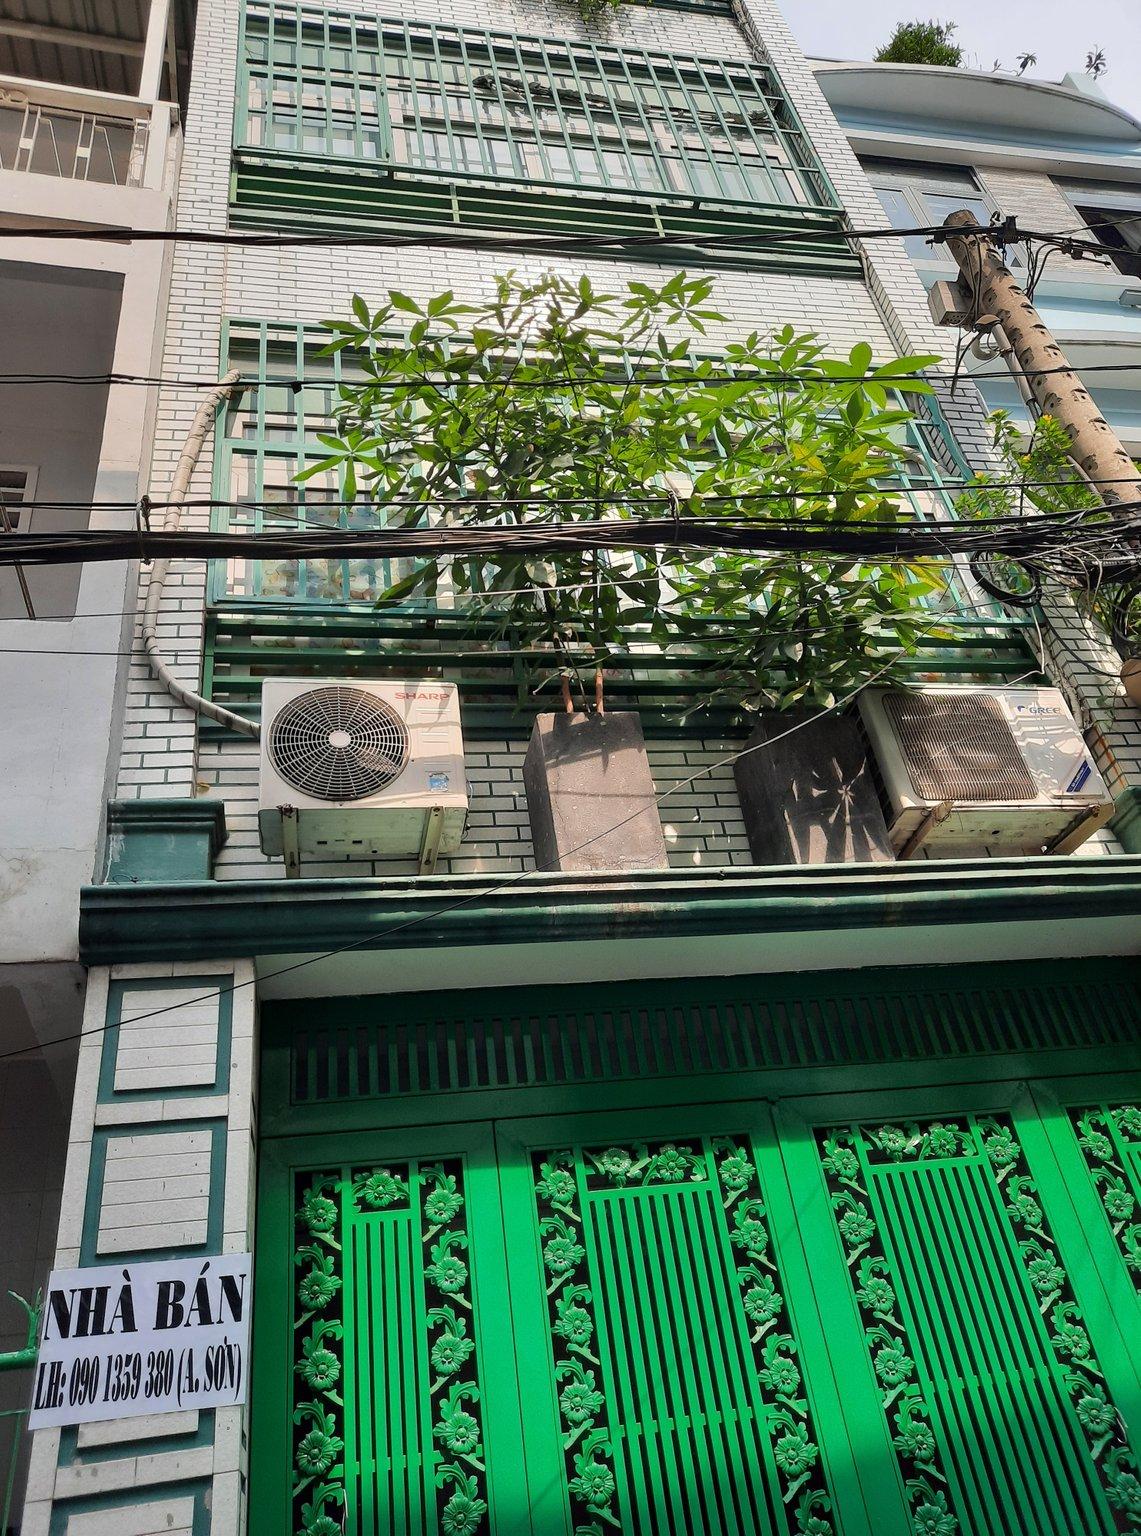 Bán nhà số 42/5 Bùi Thị Xuân, P2, Tb